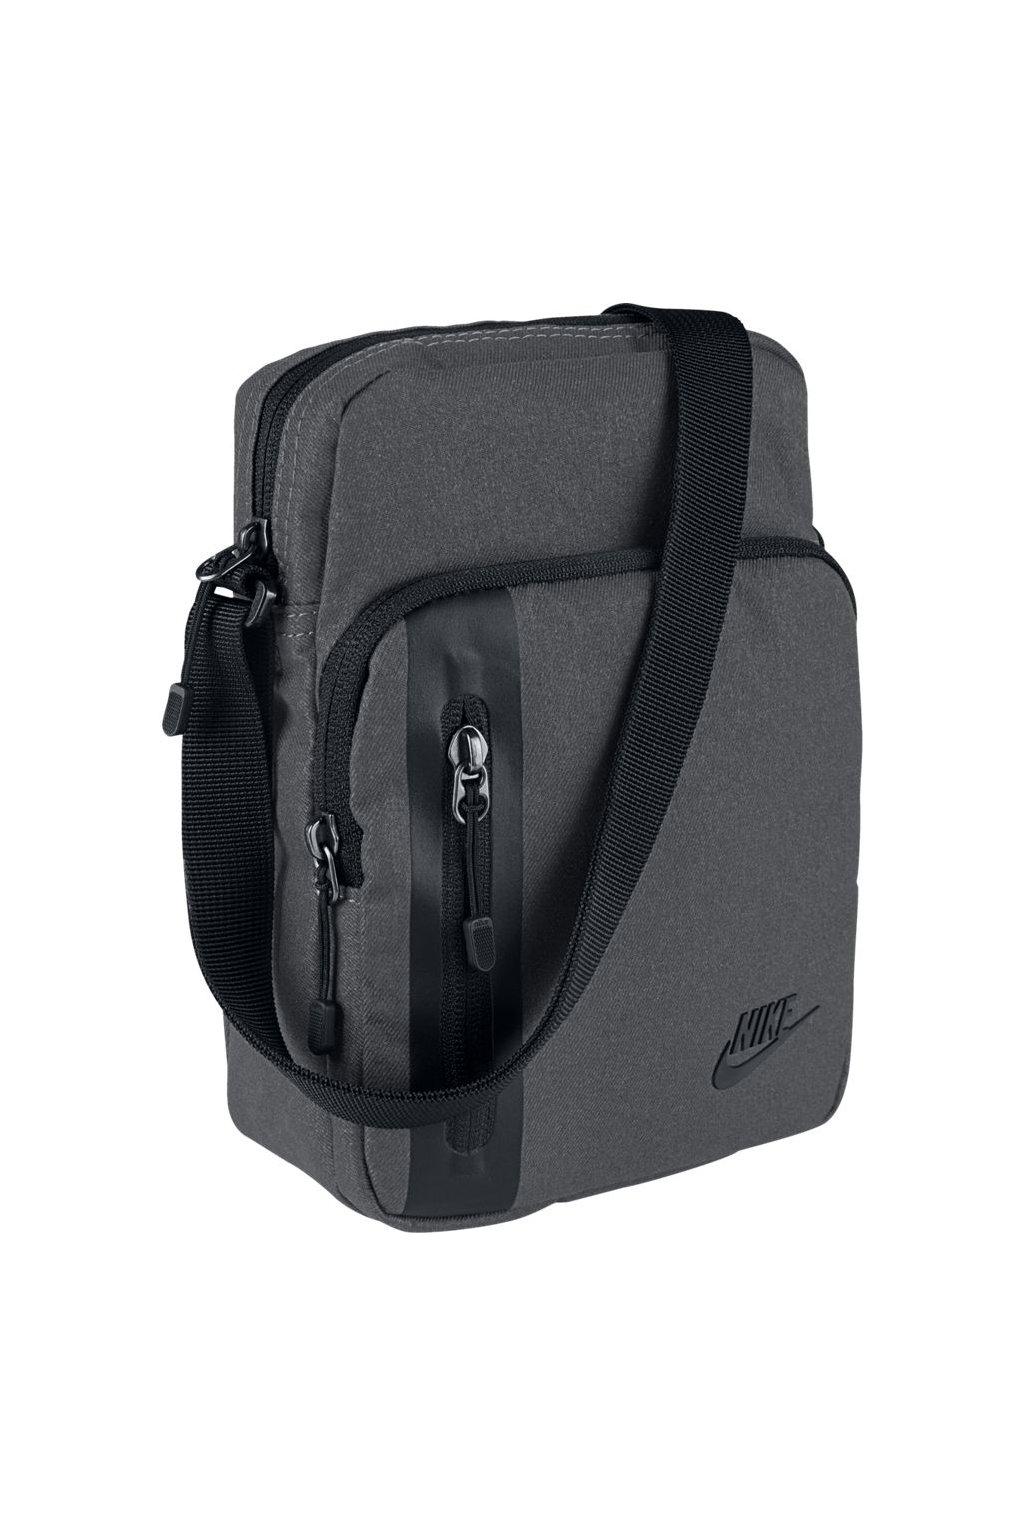 Taška Nike Tech Small Items 3.0 šedá BA5268 021